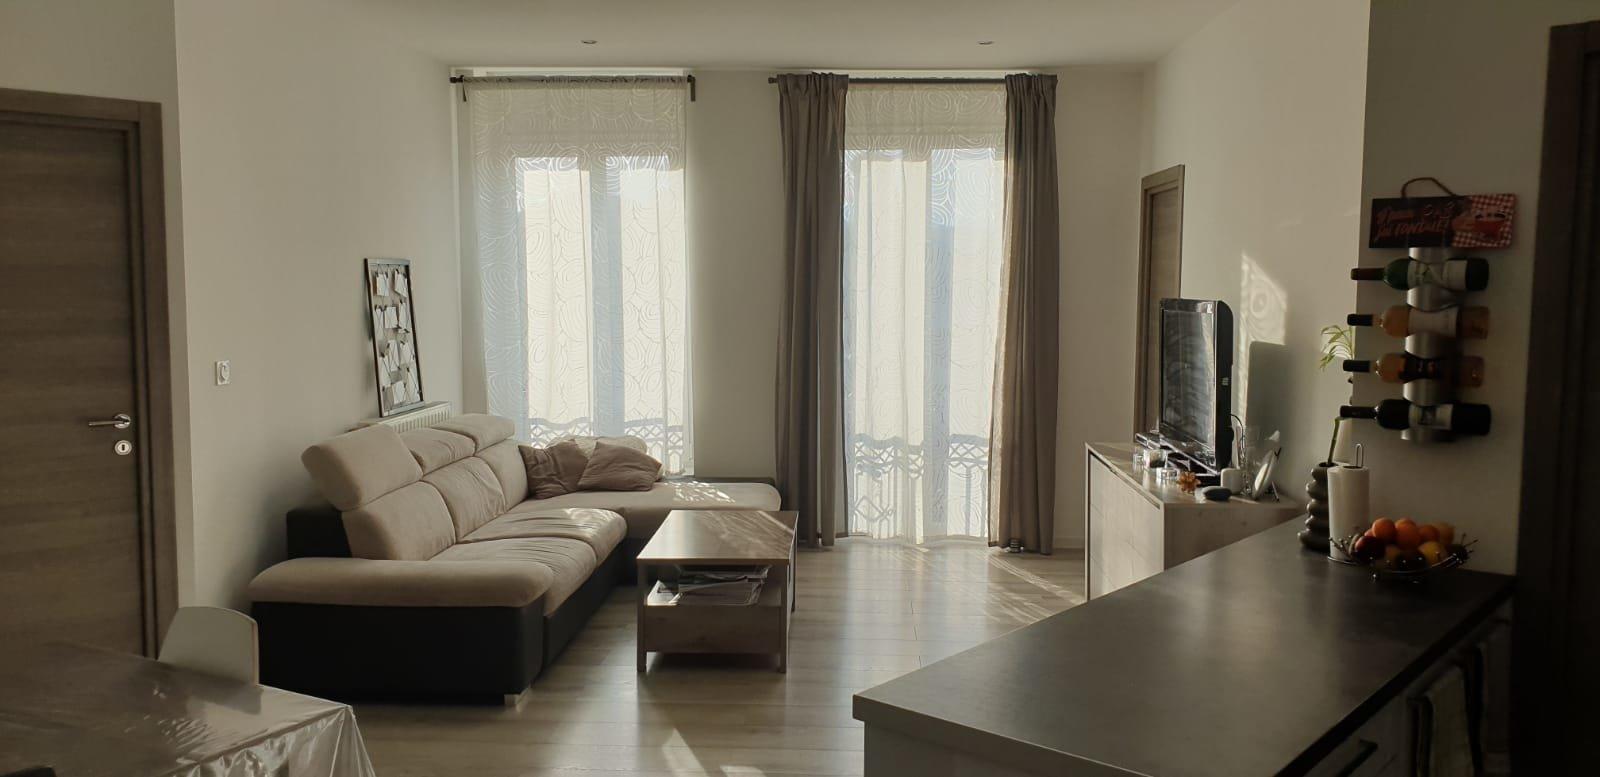 Appartement T4 90m² avec balconnet en plein centre ville